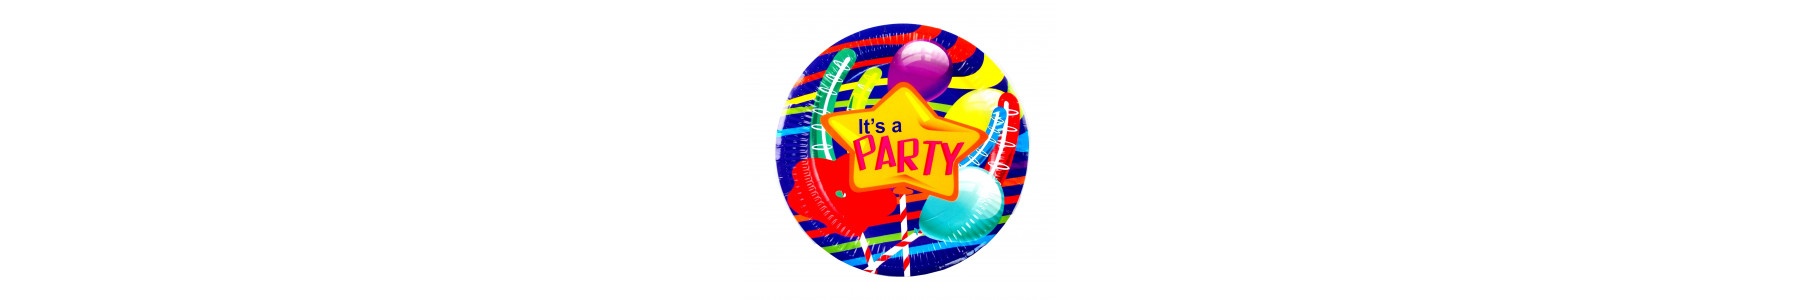 Articole party si accesorii de petrecere